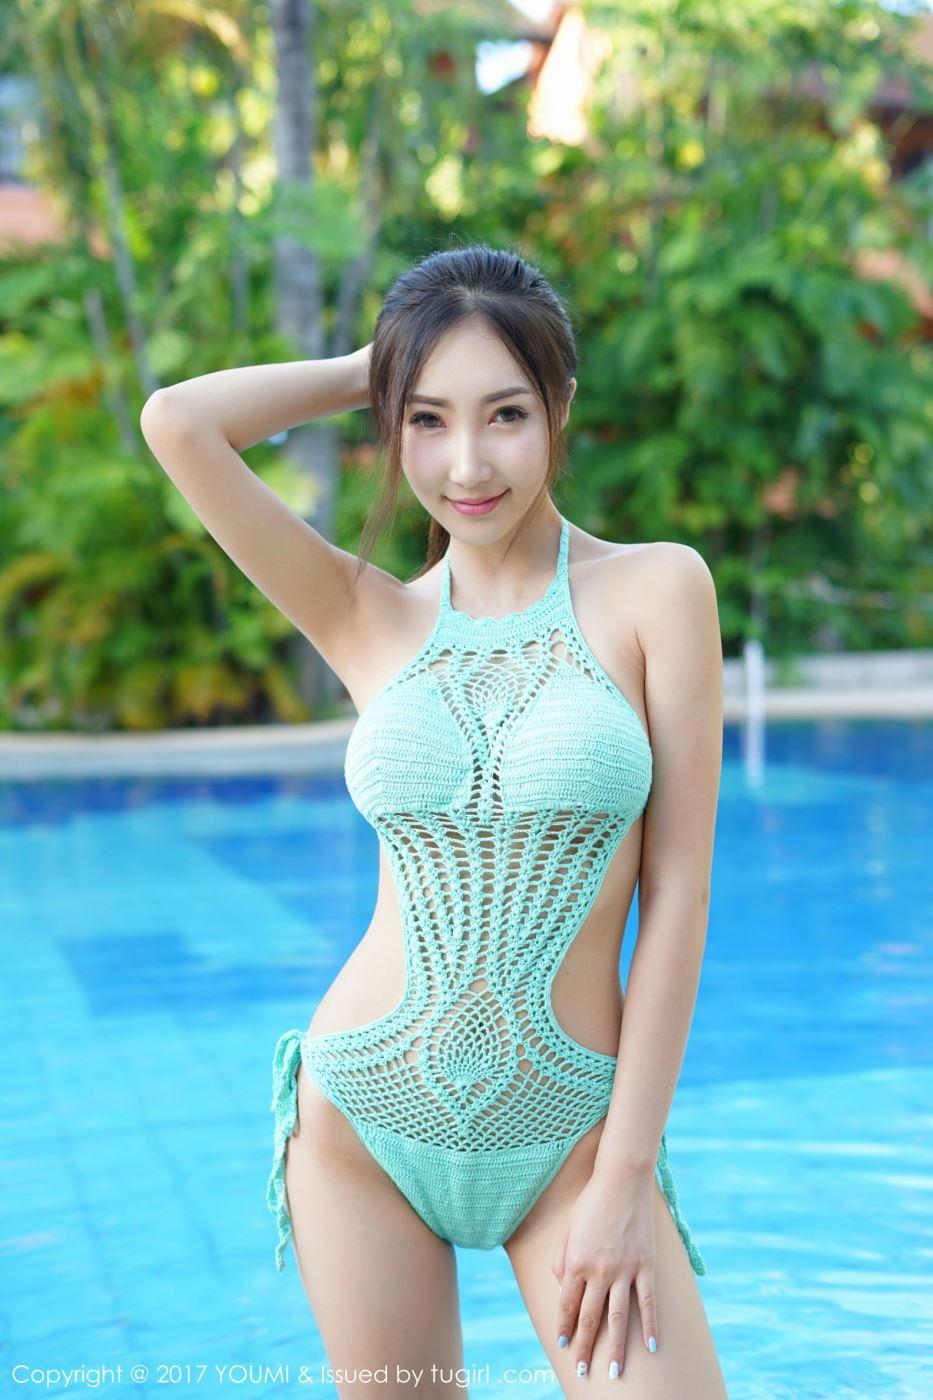 性感比基尼美女模特Yumi-尤美娇艳身姿旅拍写真图片